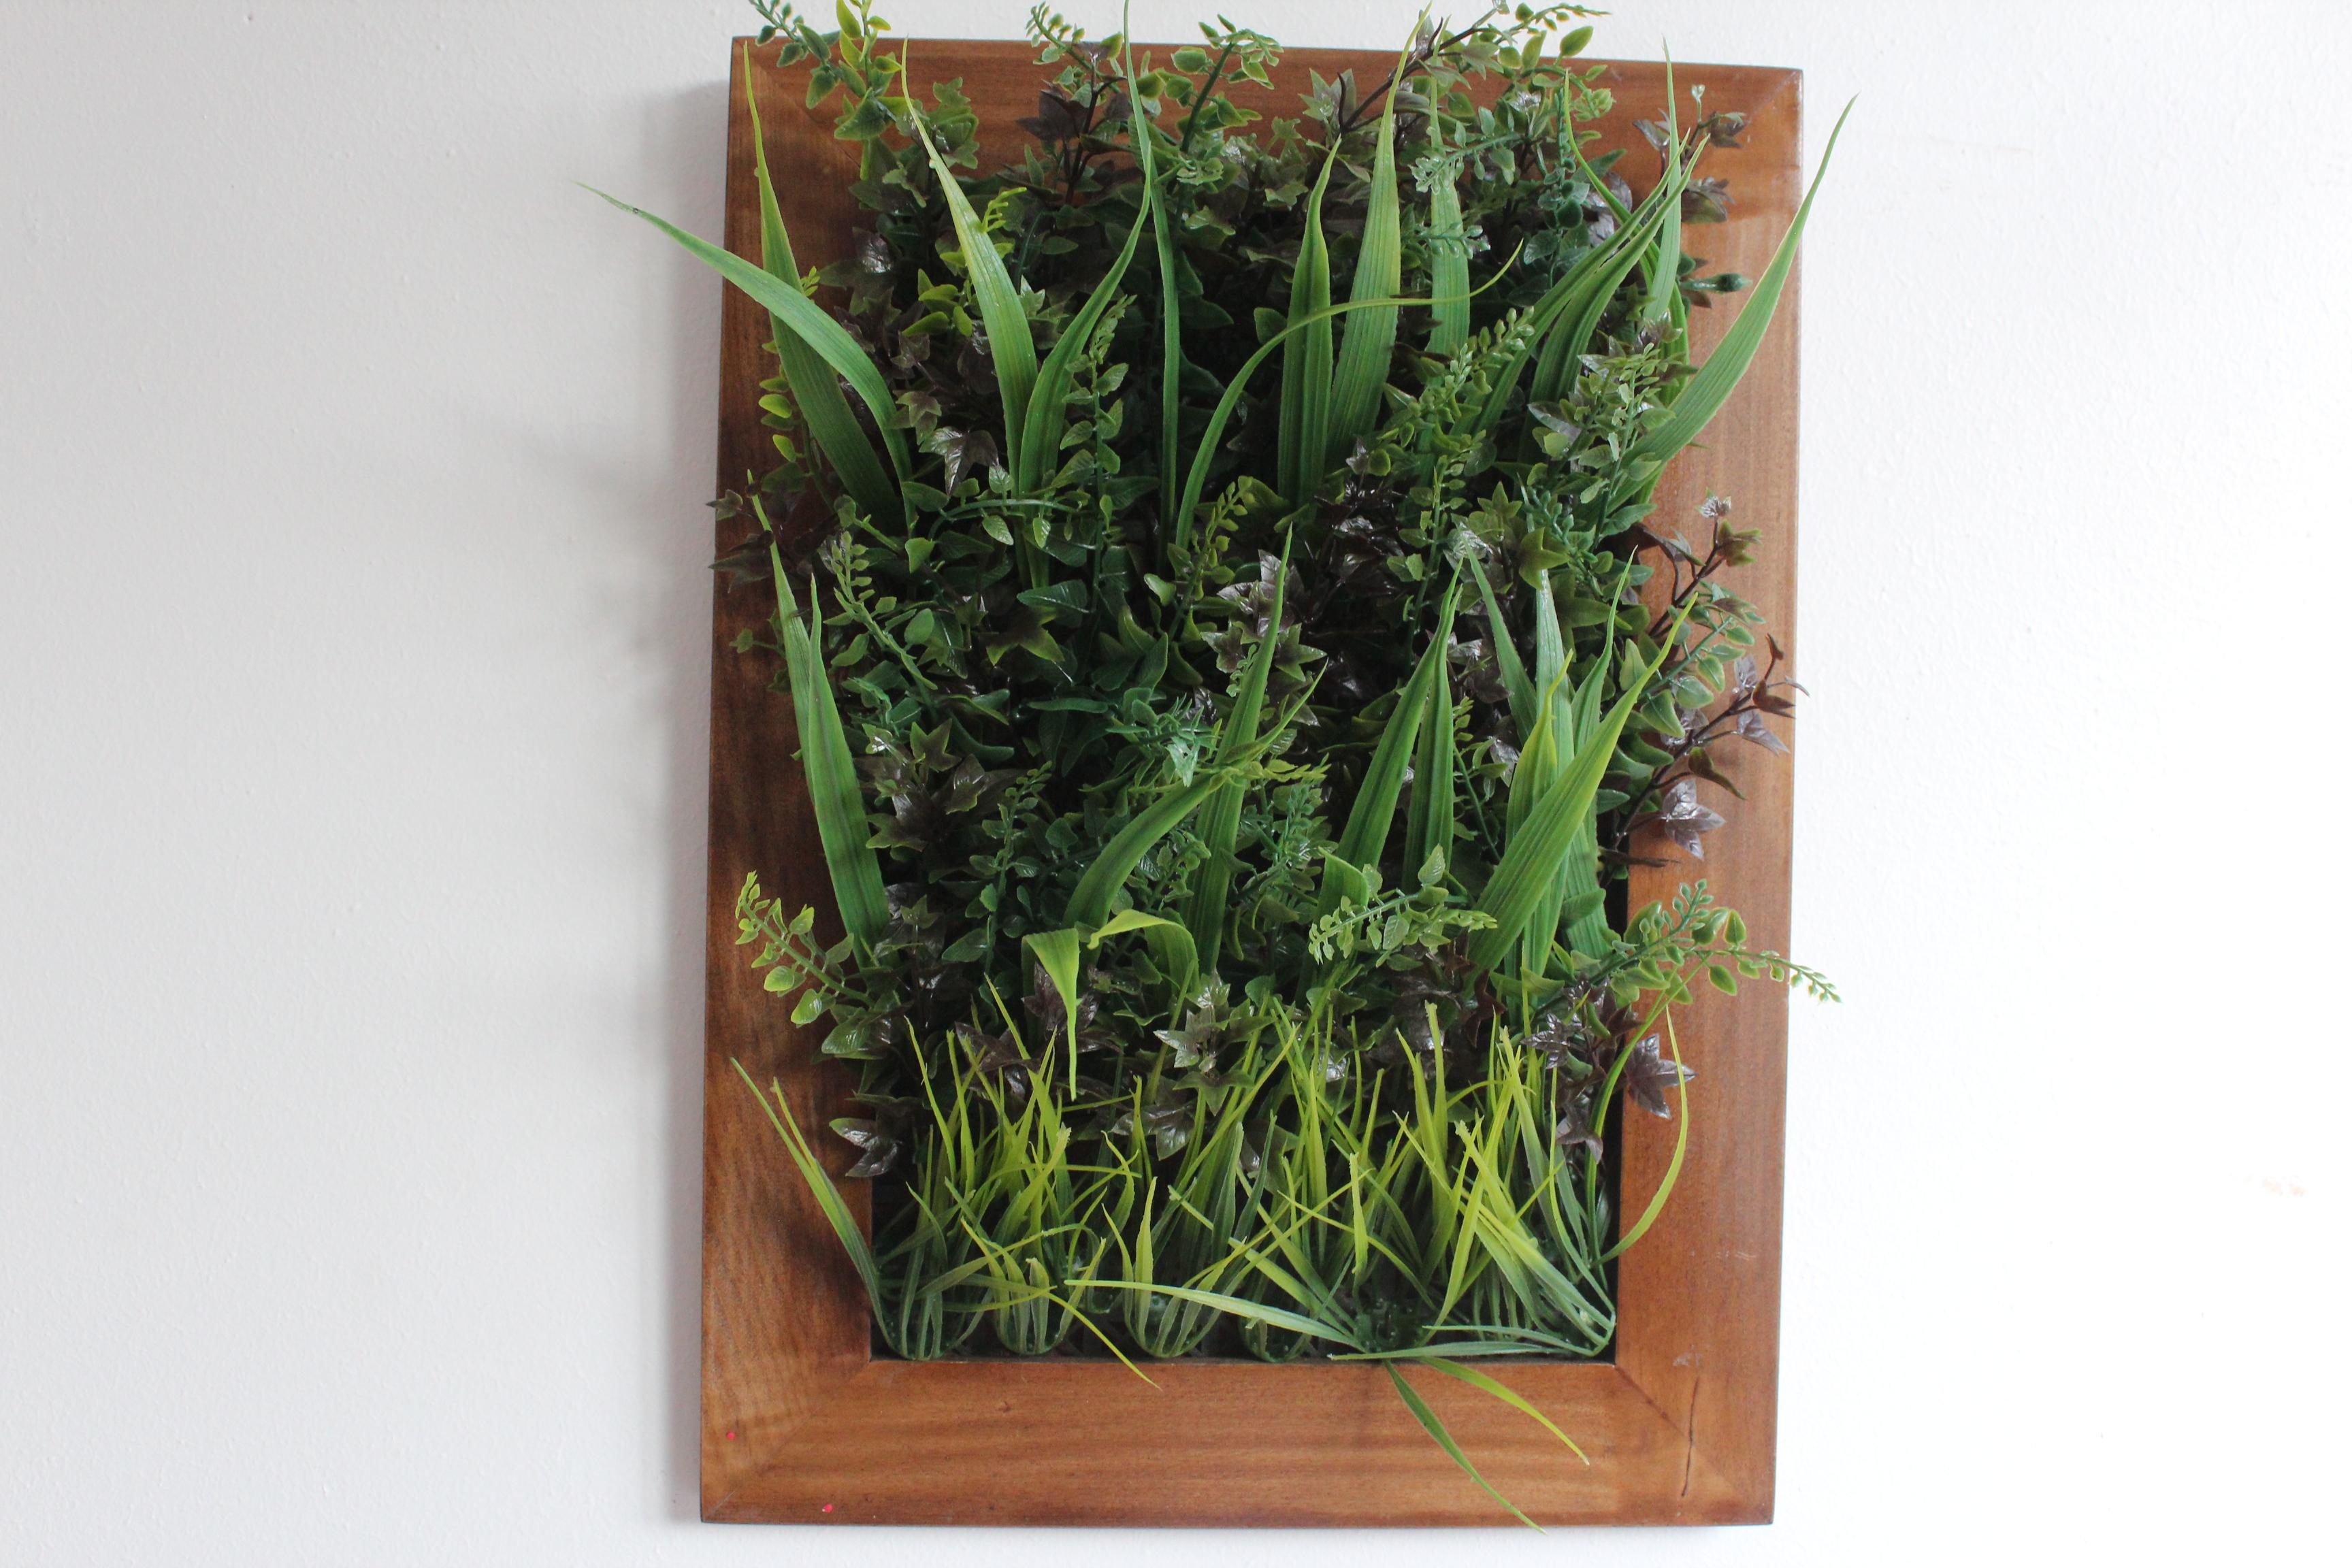 Un jard n vertical en casa noticias sector inmobiliario for Inmobiliaria jardines